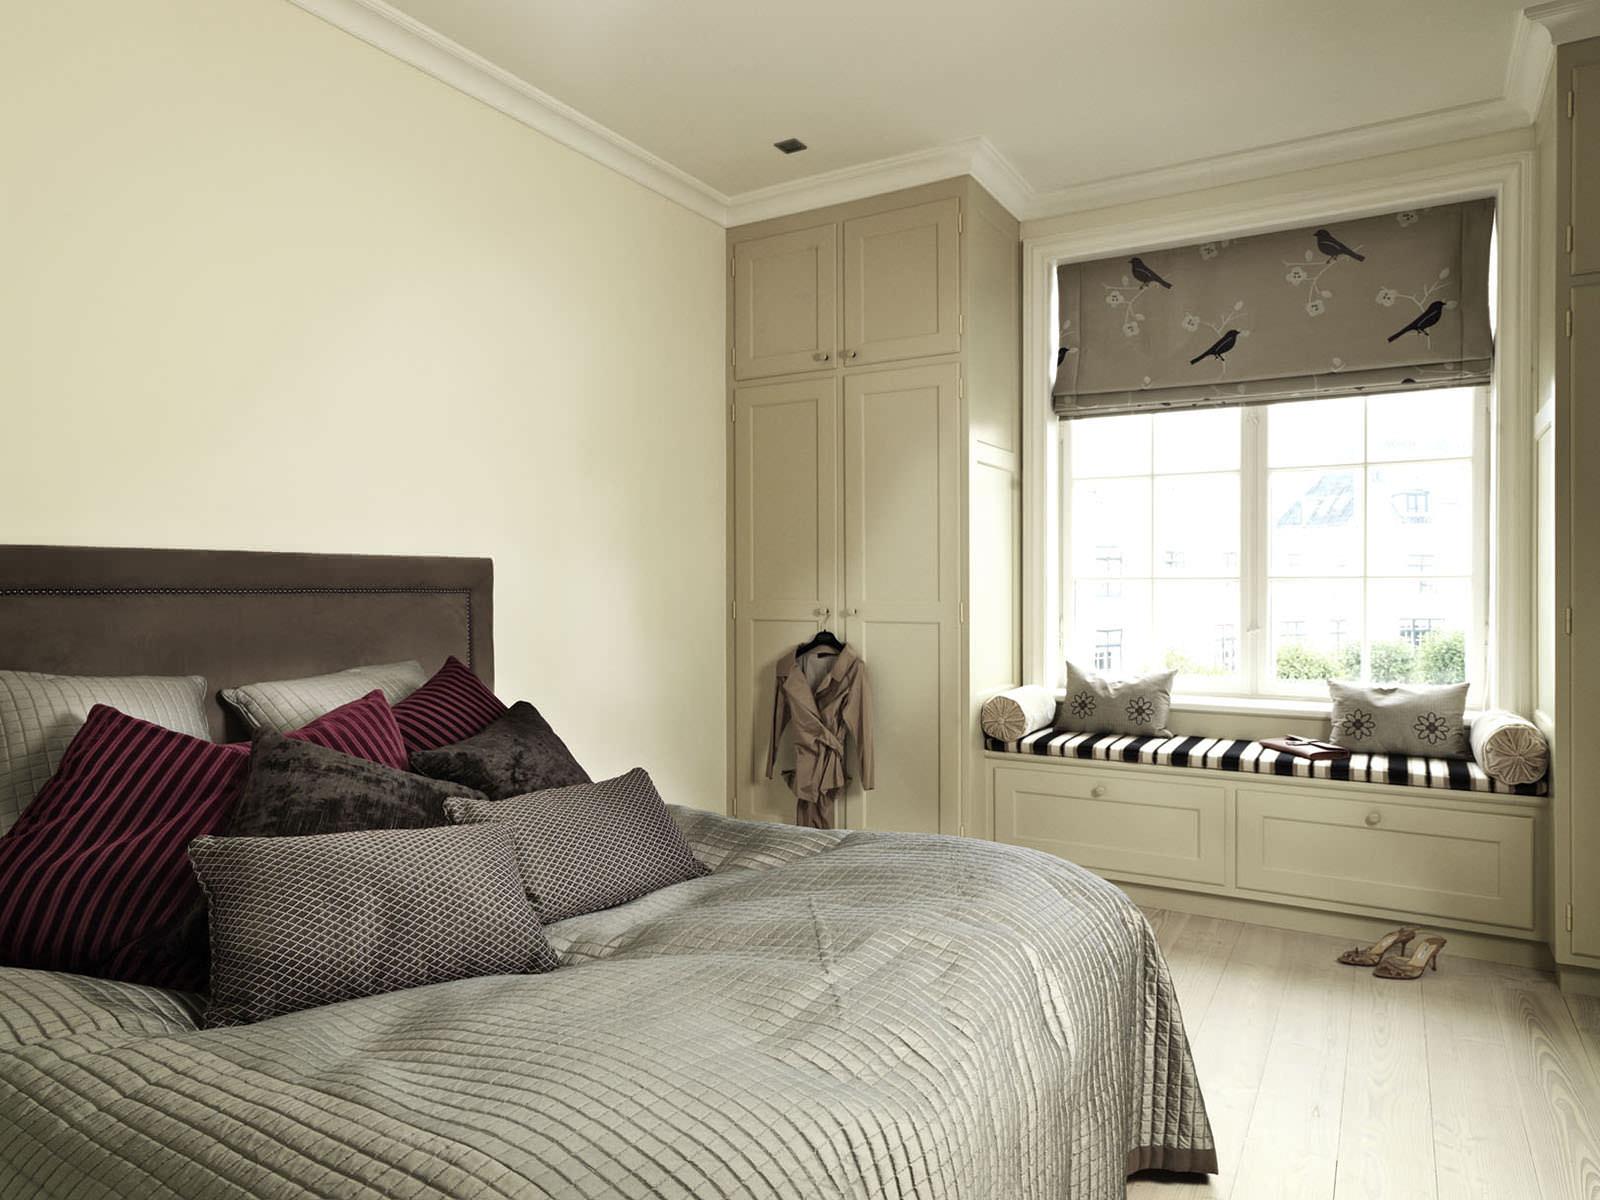 Бежевые стены и шкафы в спальне